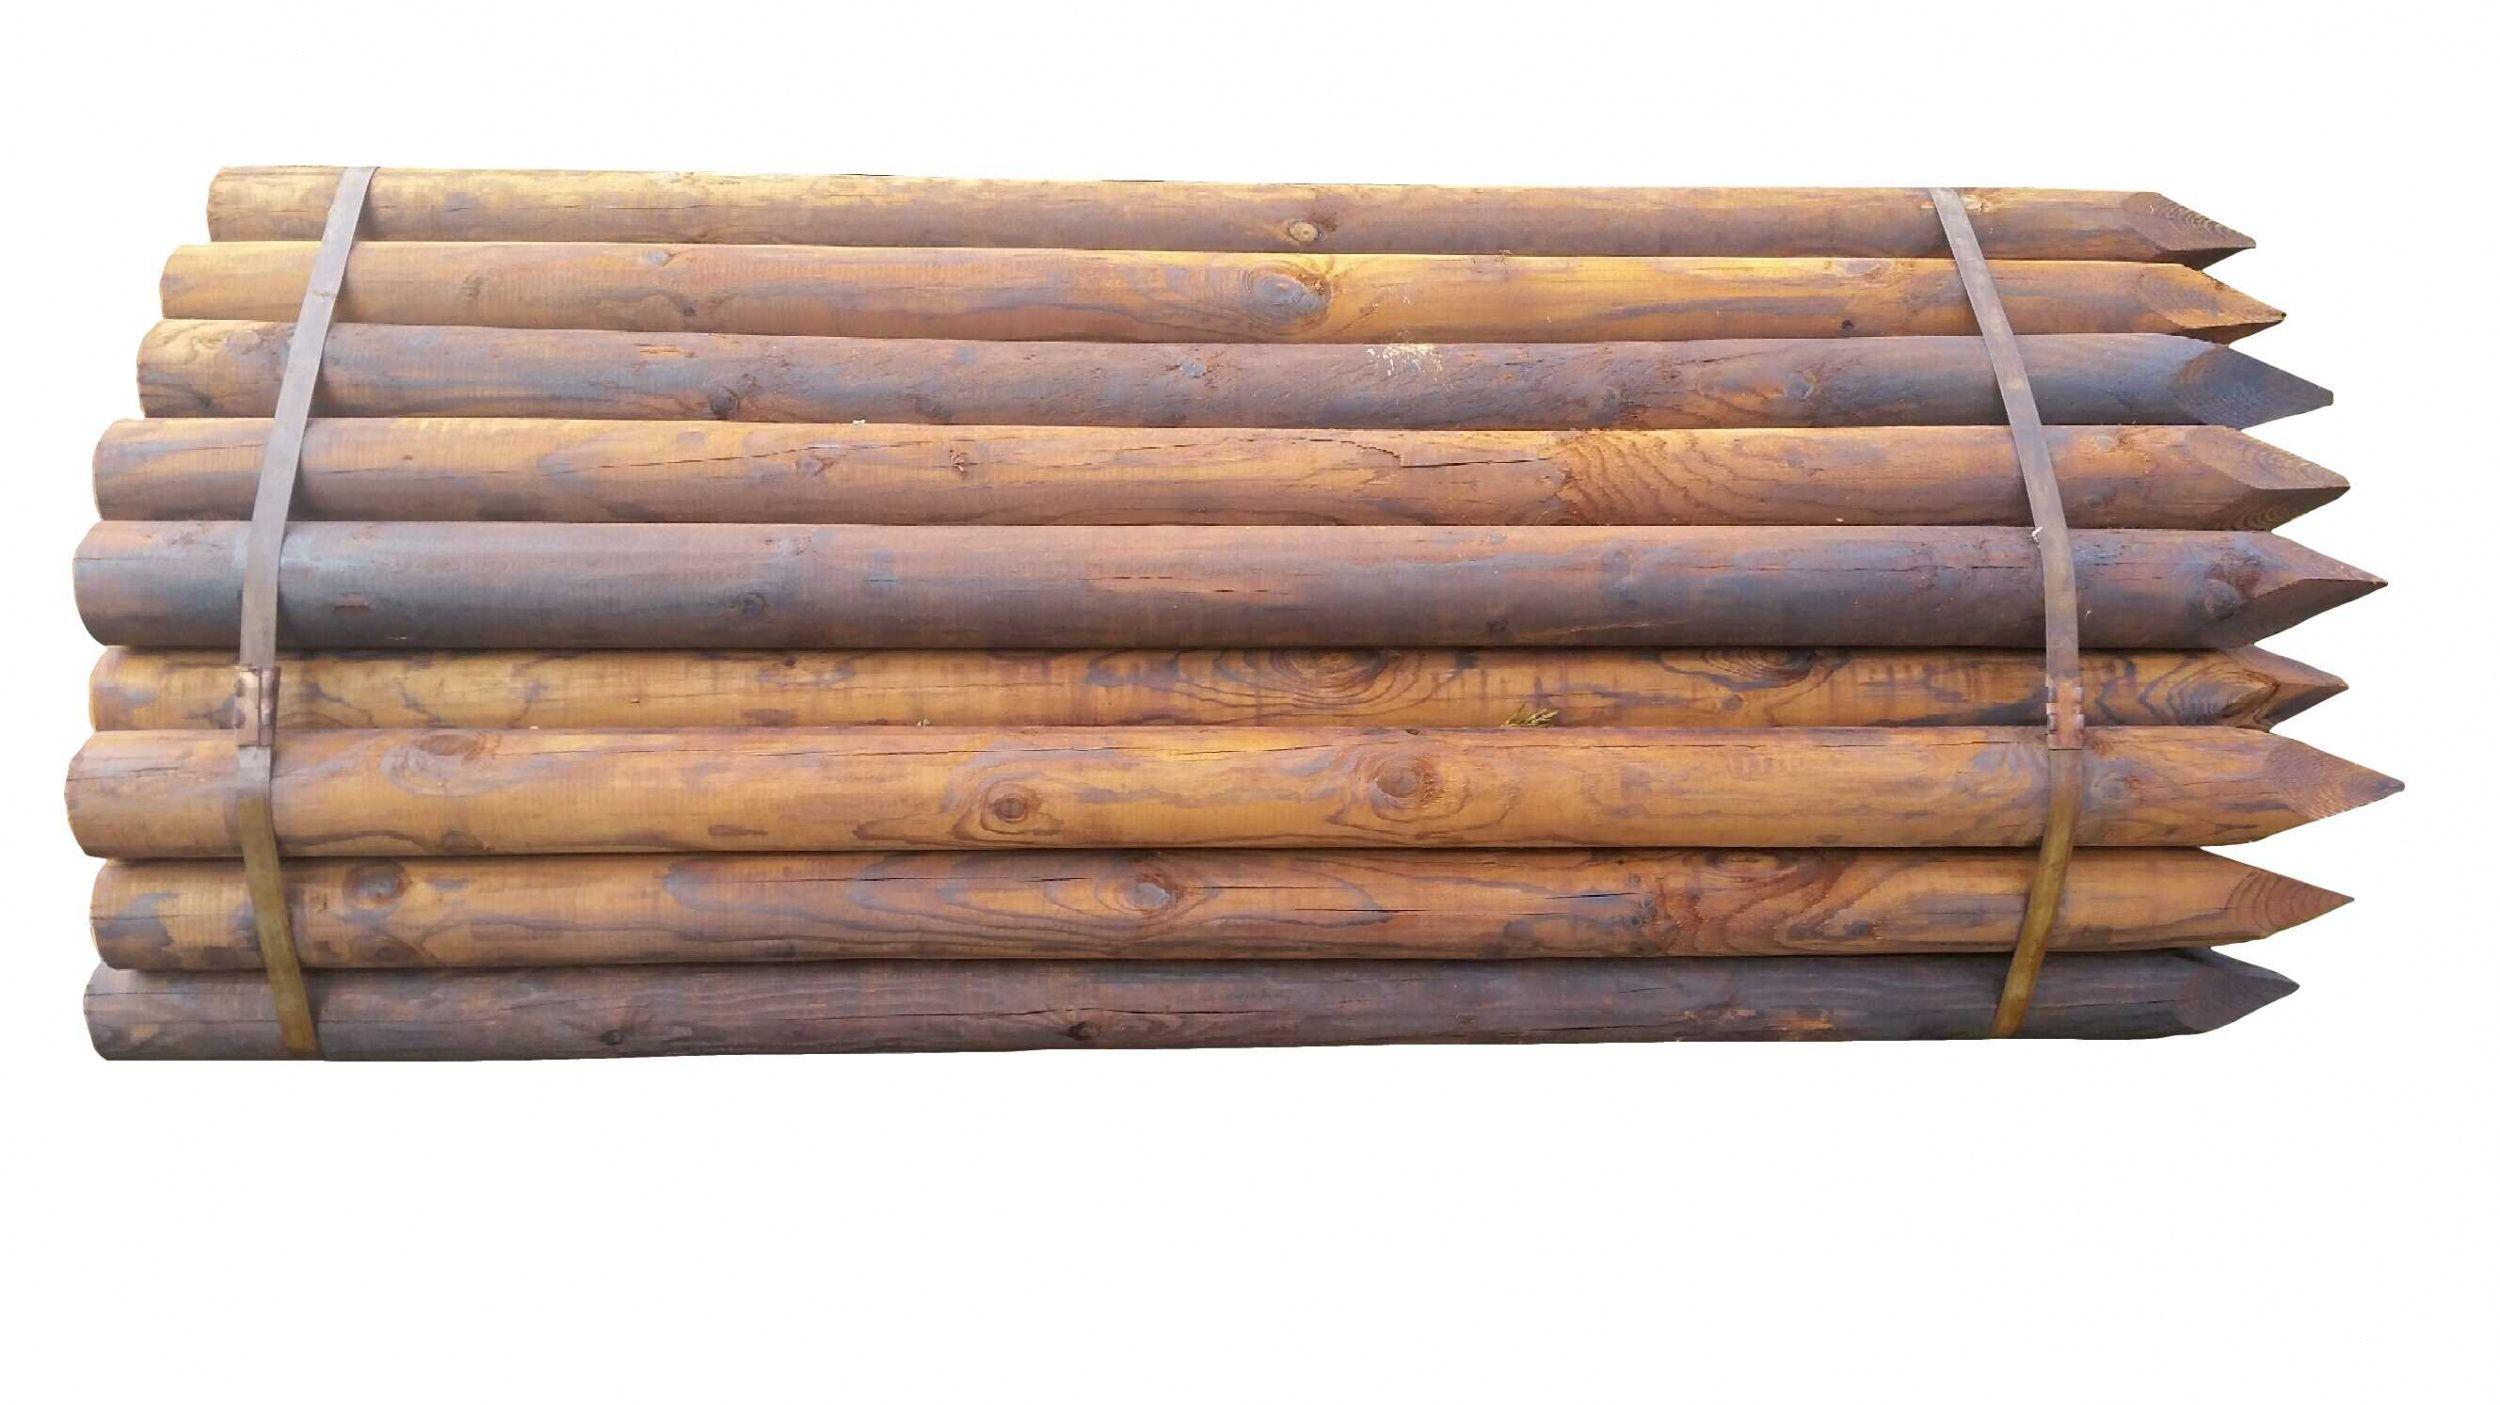 Houten paal Gecreosoteerd 200 x 10cm rond gefreesd